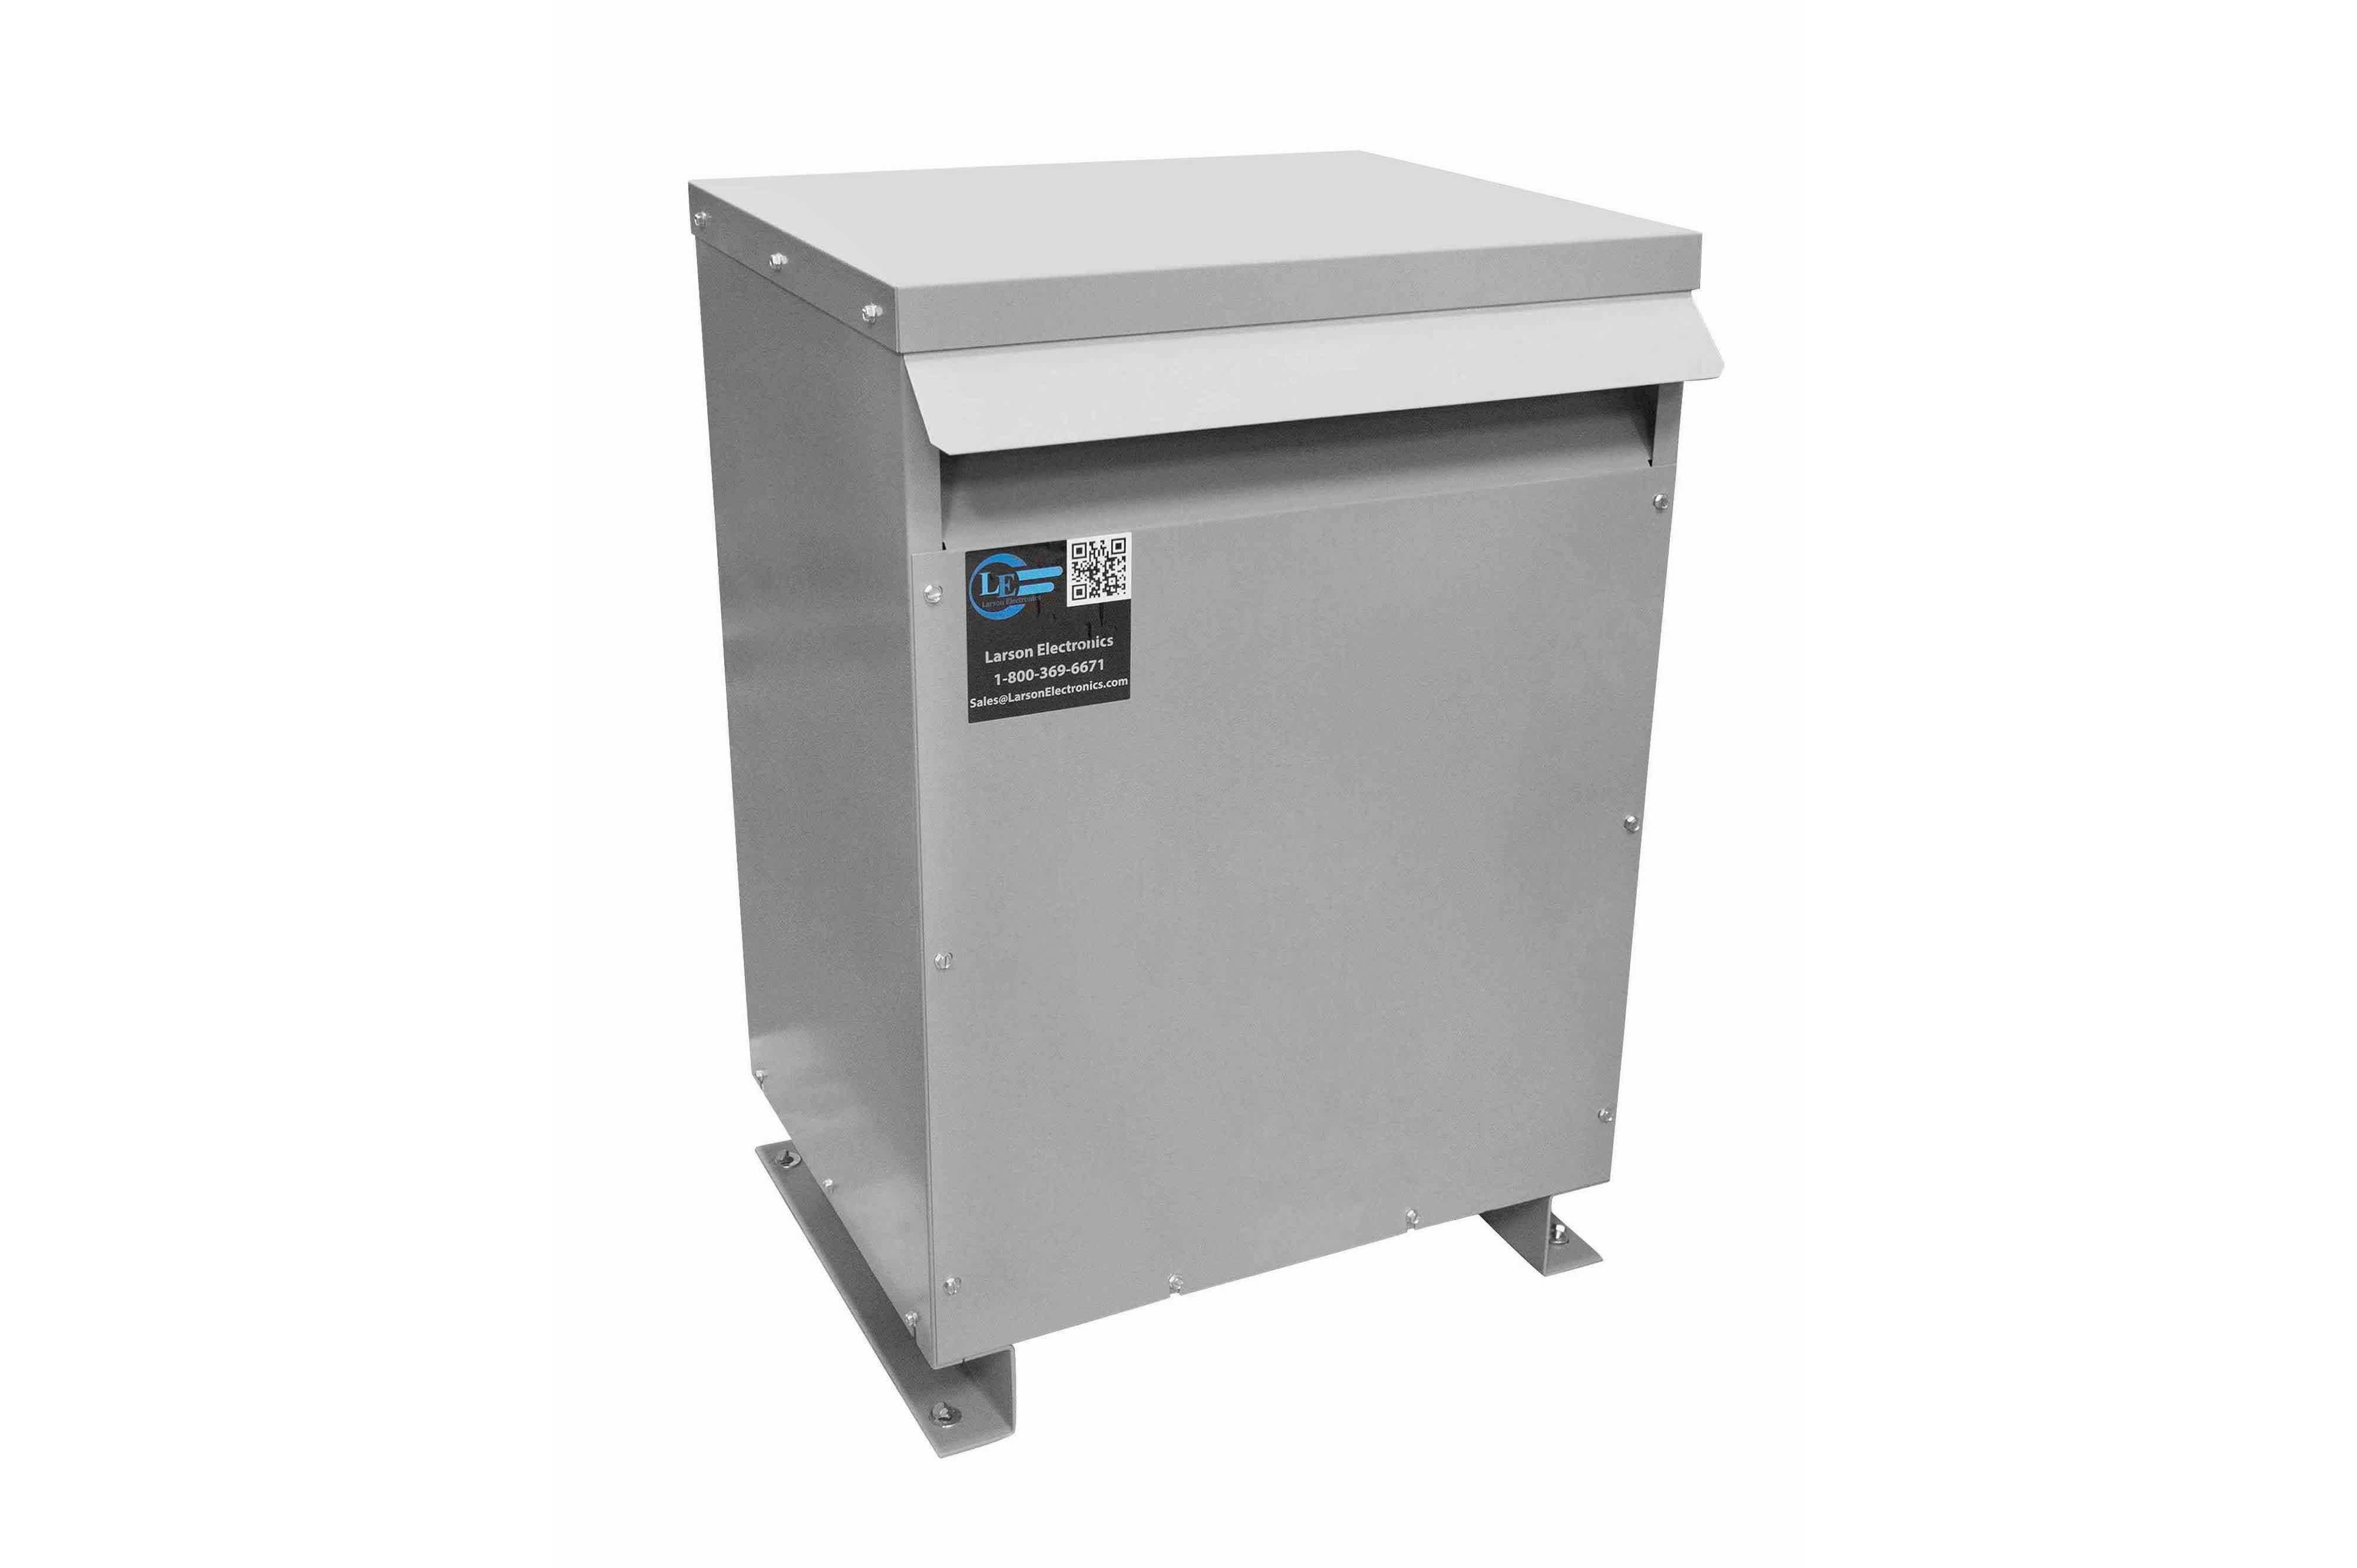 800 kVA 3PH Isolation Transformer, 208V Delta Primary, 240 Delta Secondary, N3R, Ventilated, 60 Hz